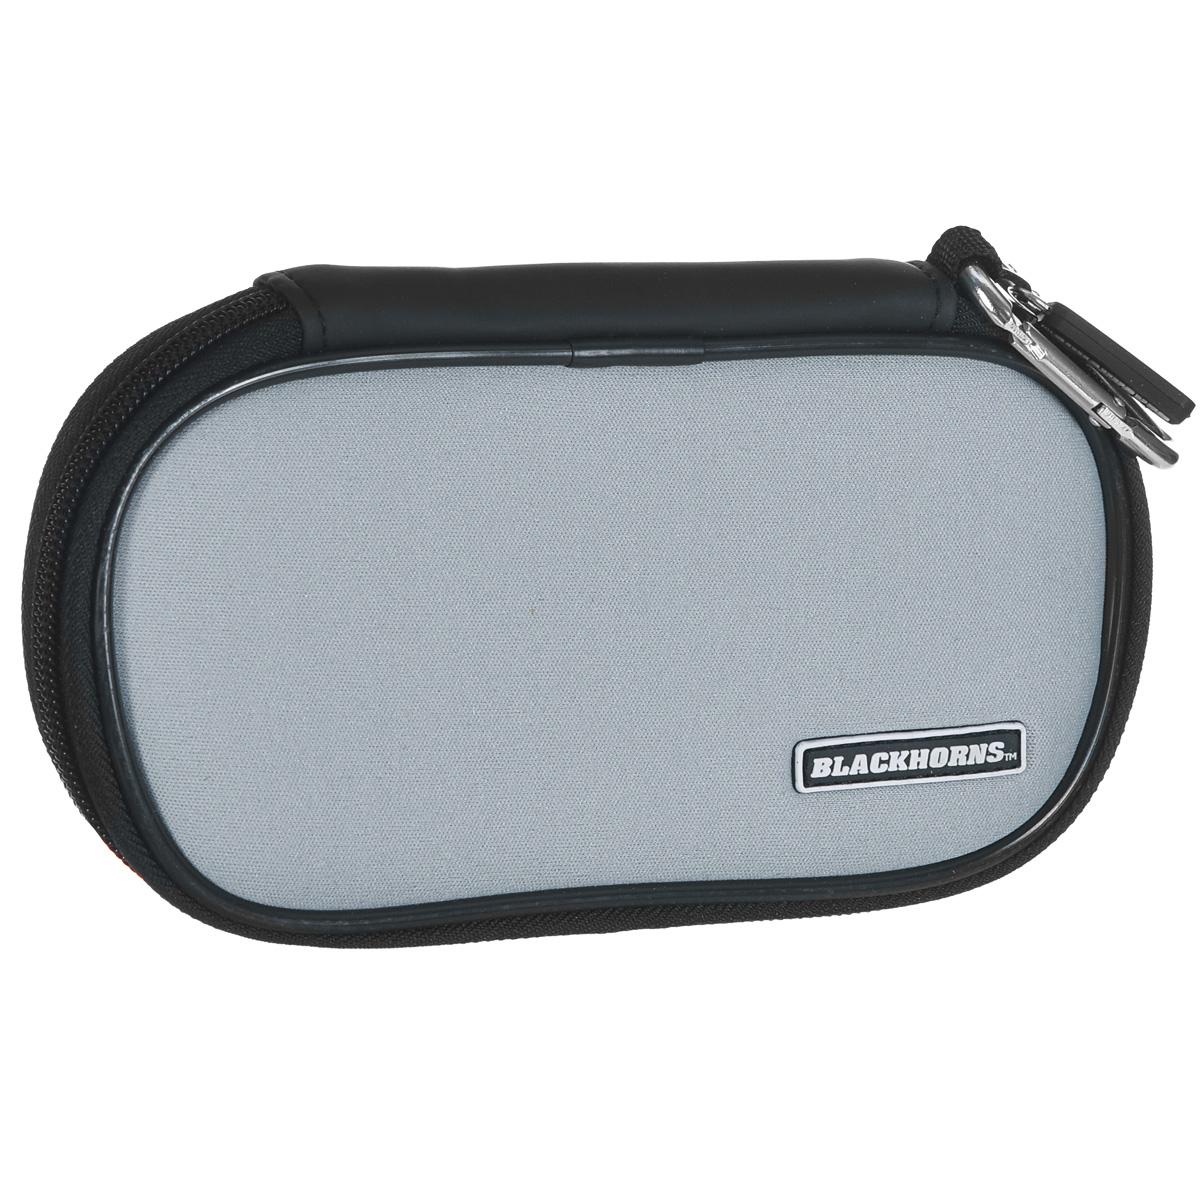 Чехол мягкий Black Horns для Sony PSP E1000/2000/3000, серый for sony sony psp 2000 3000 for psp 2000 3000